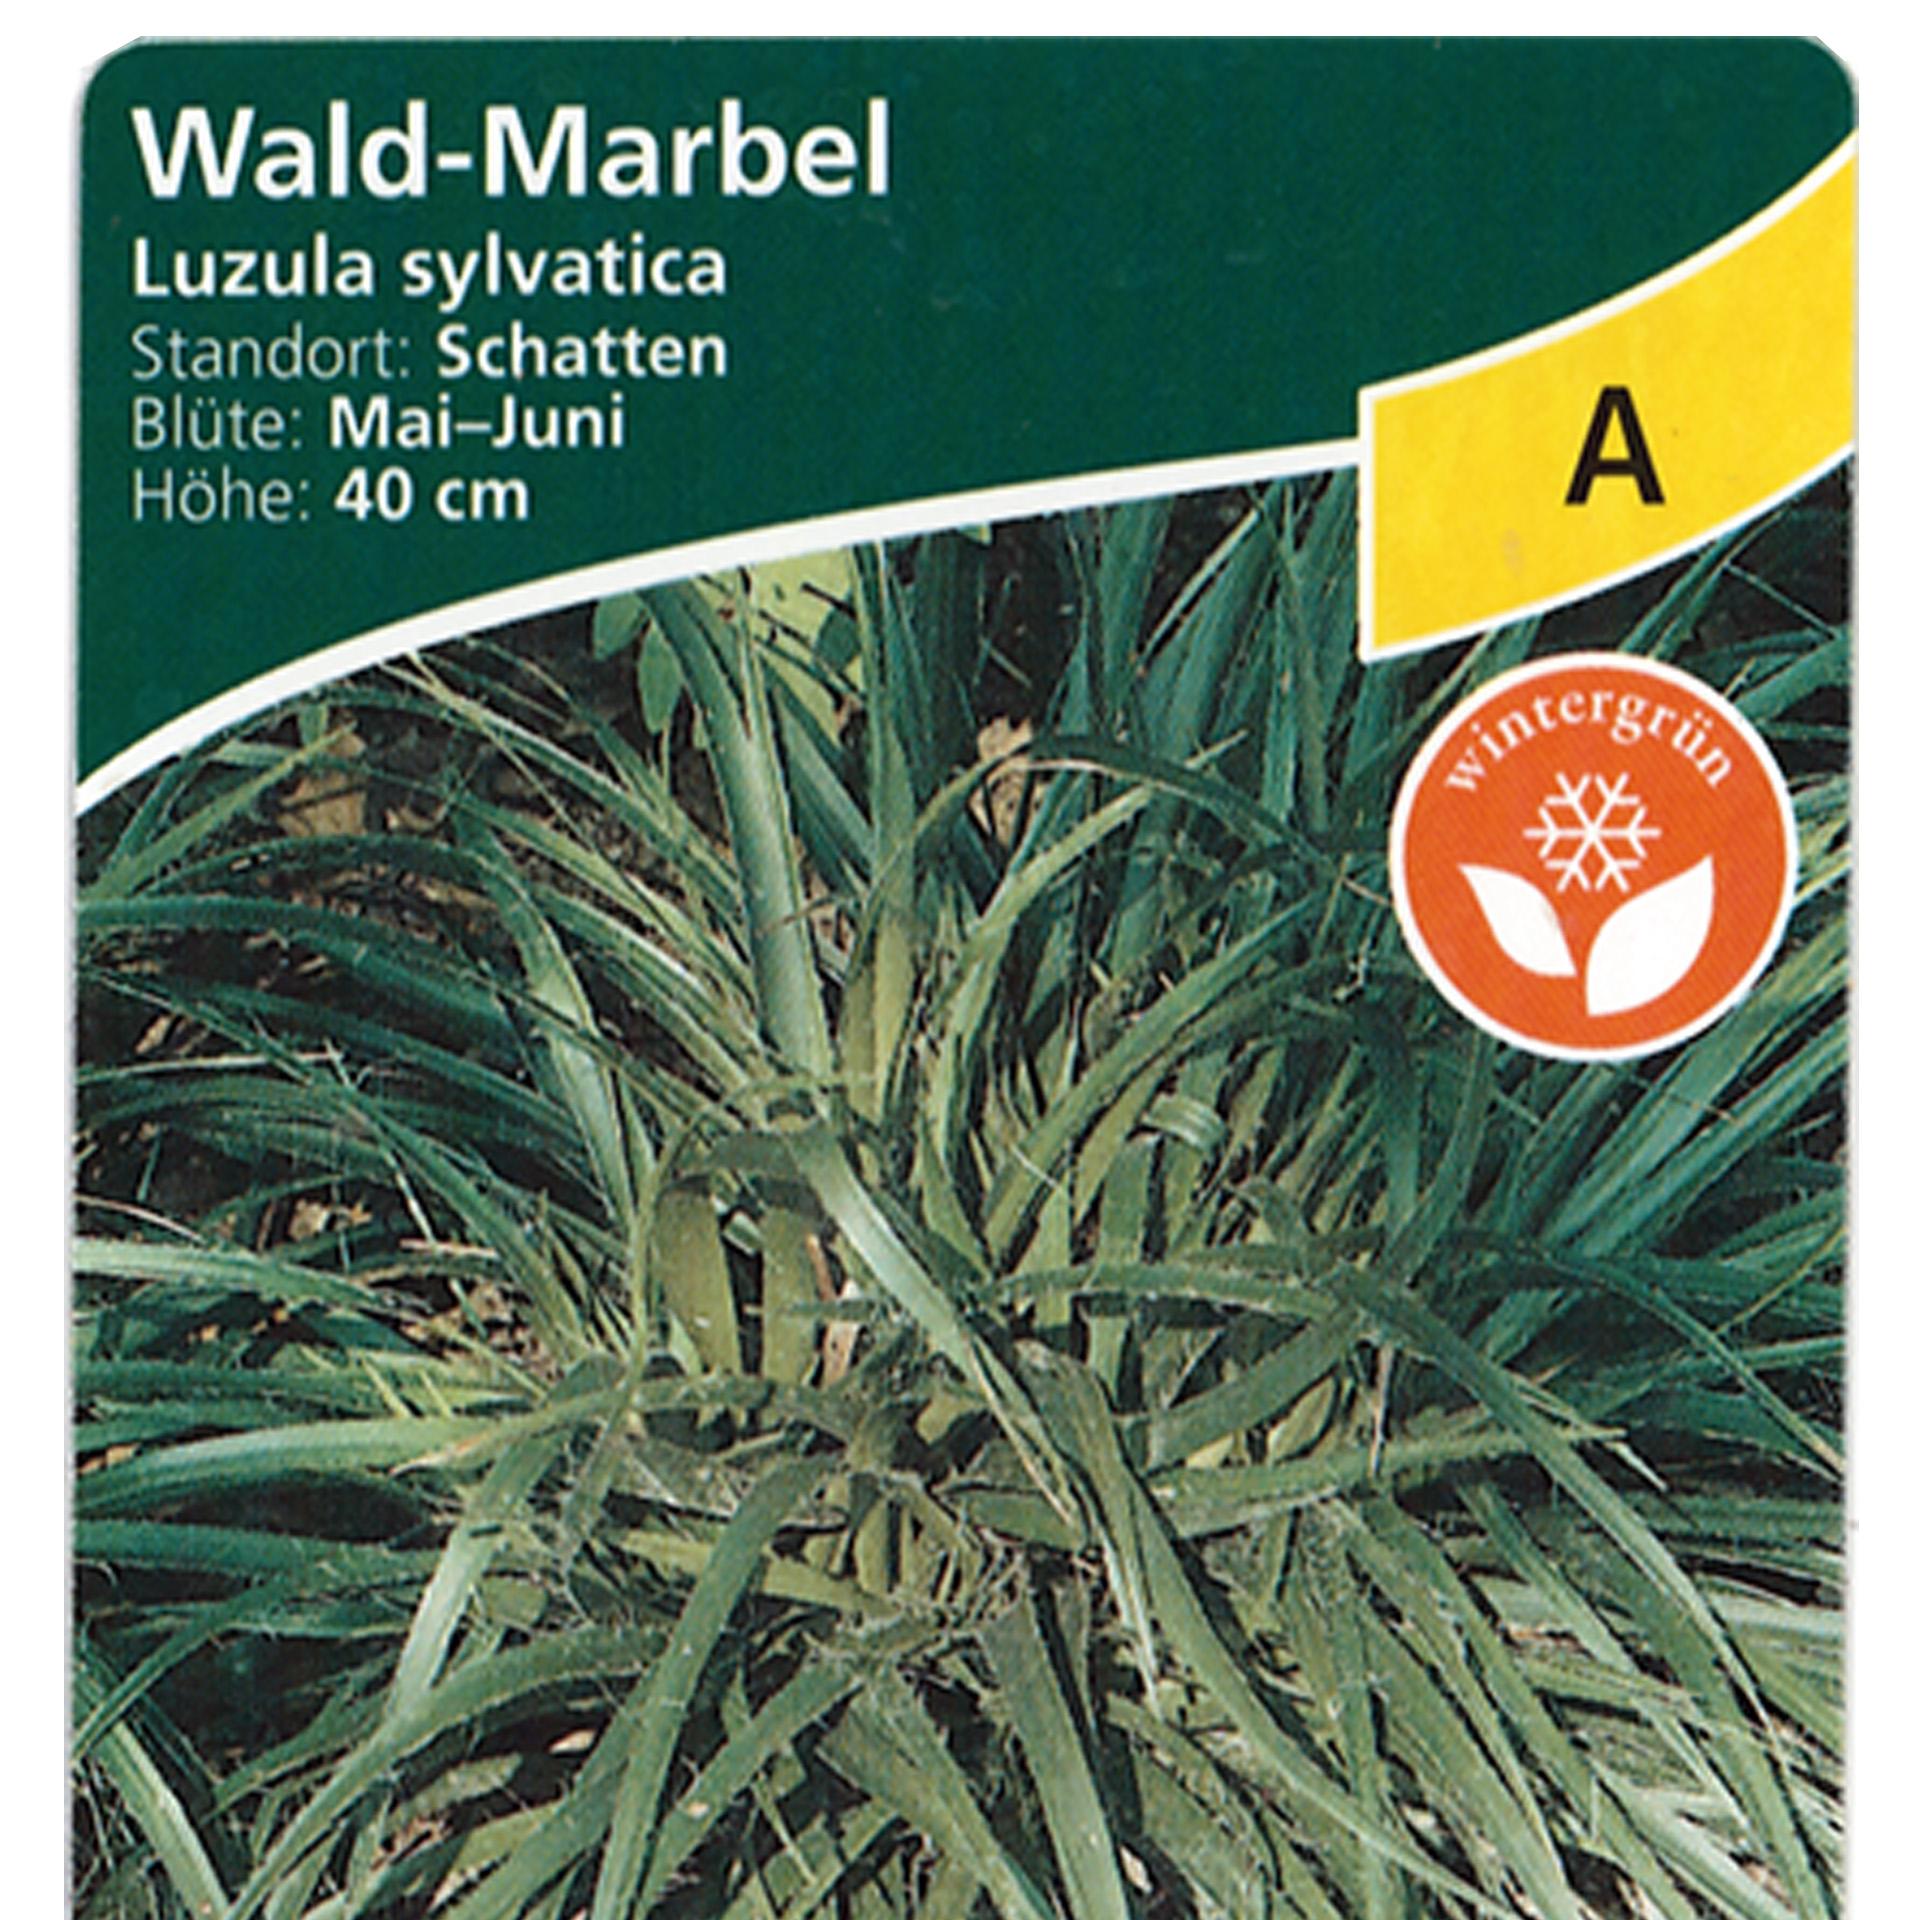 Wald-Marbel